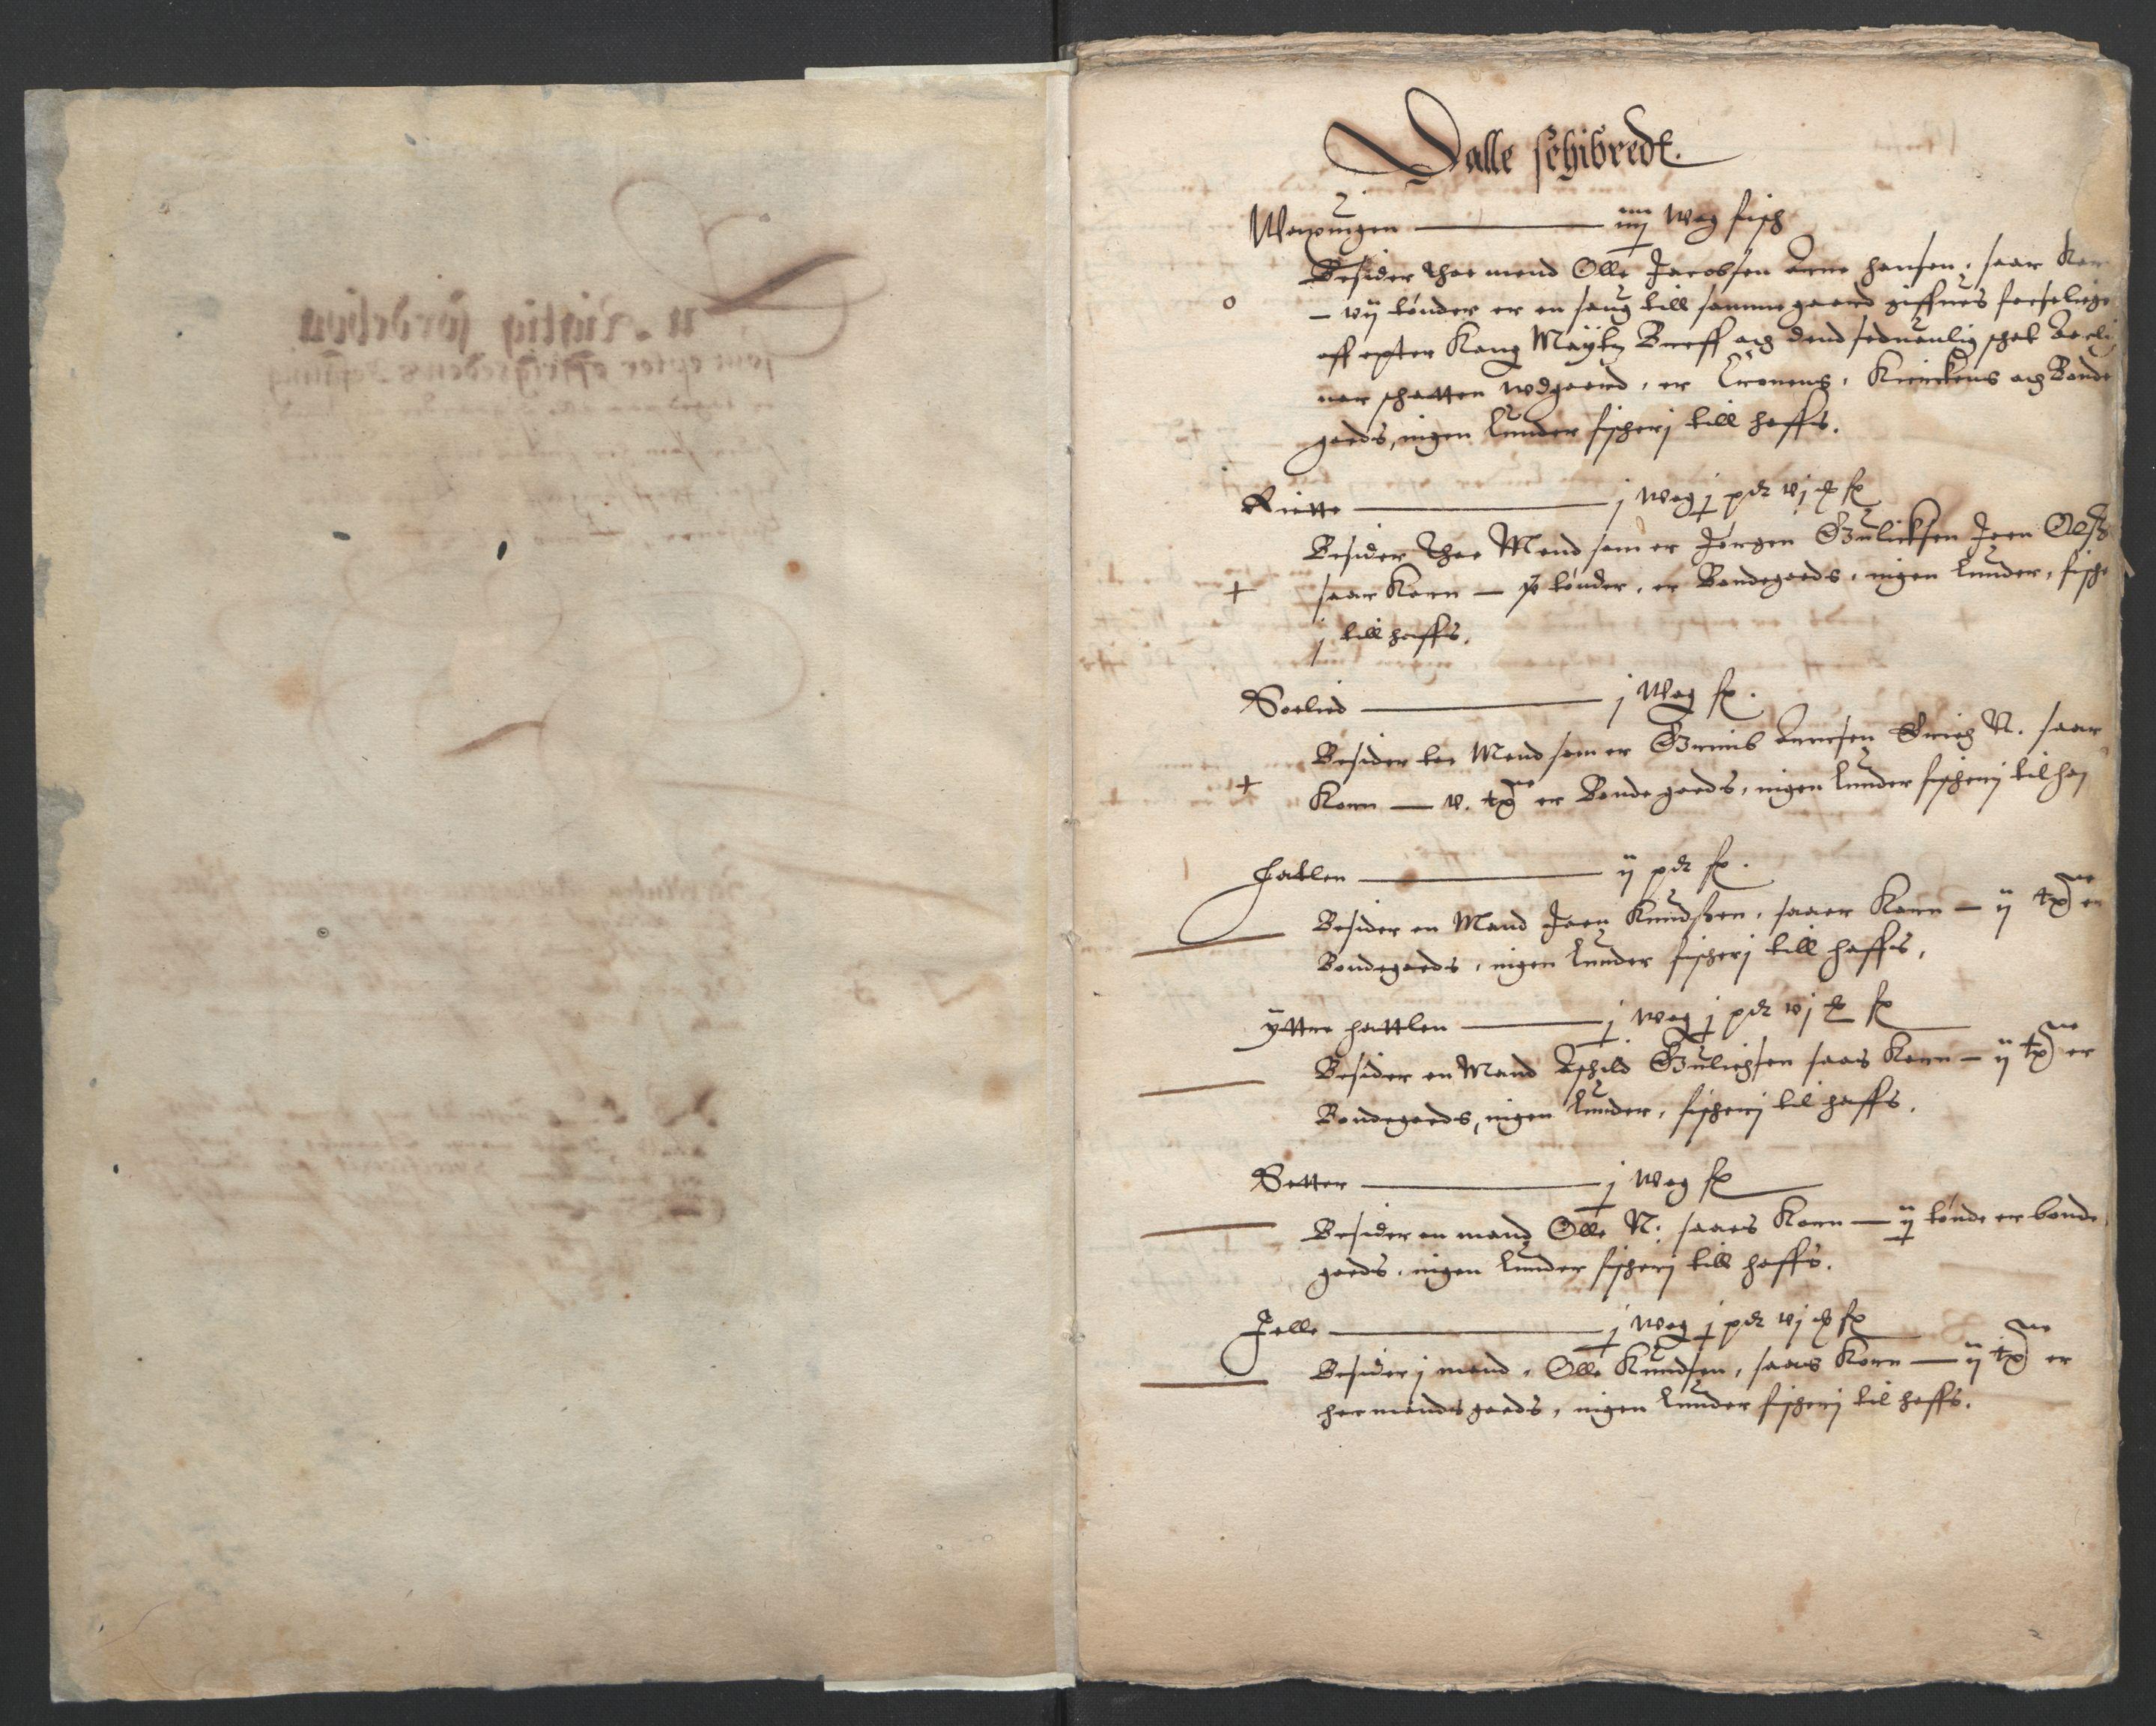 RA, Stattholderembetet 1572-1771, Ek/L0005: Jordebøker til utlikning av garnisonsskatt 1624-1626:, 1626, s. 143